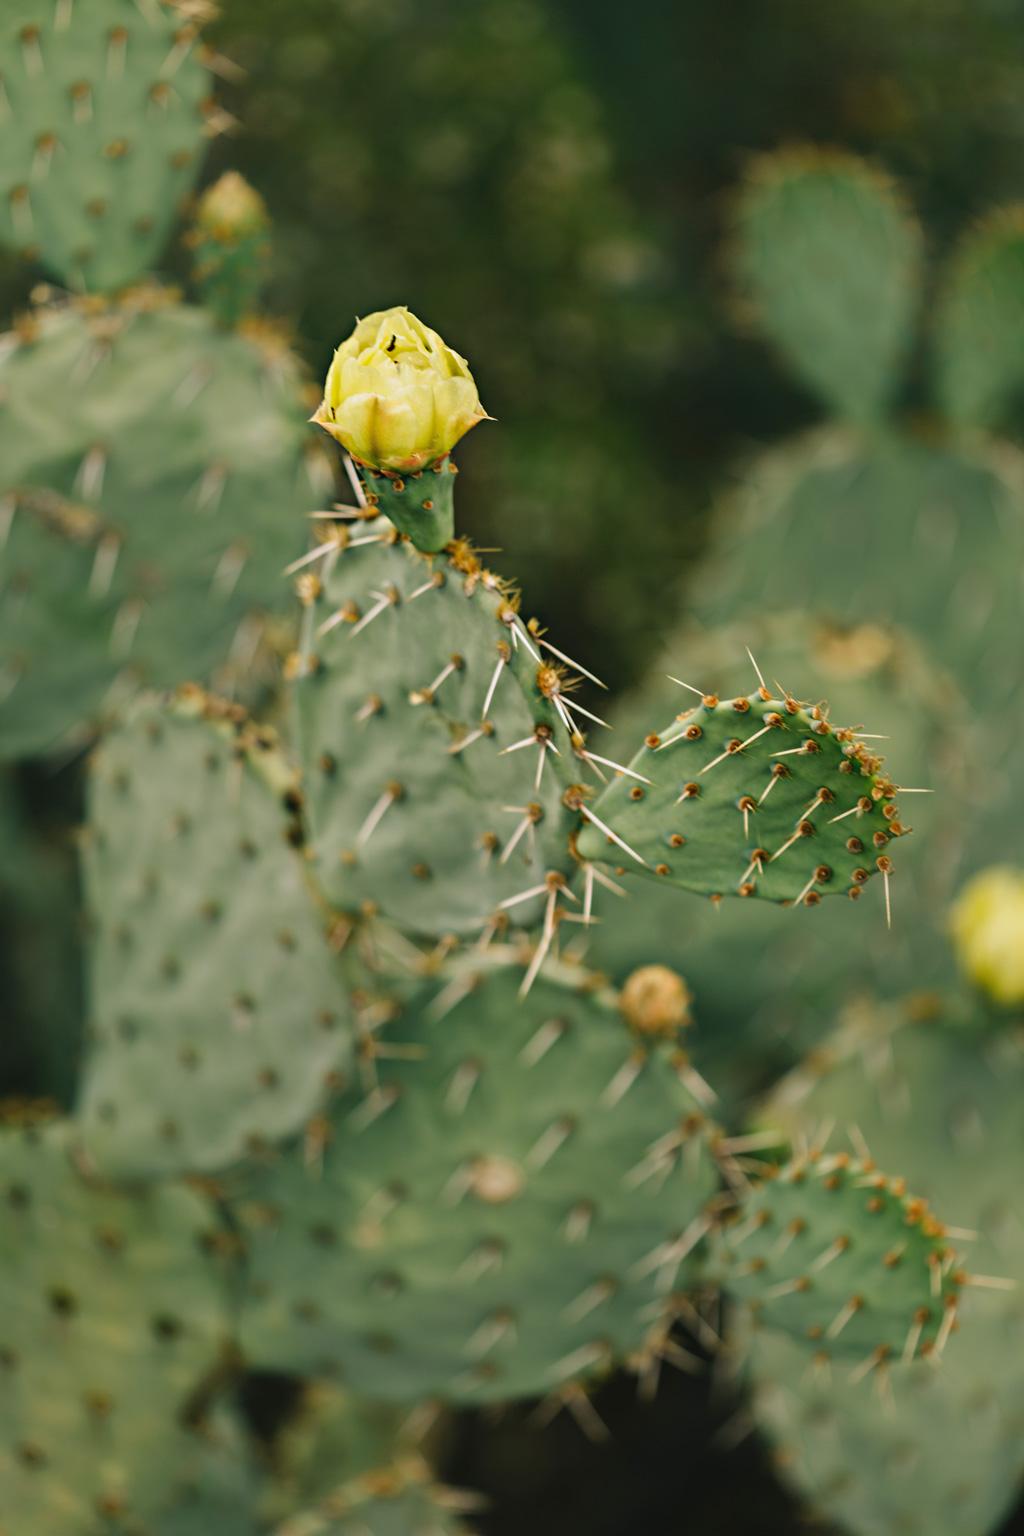 CindyGiovagnoli_Saguaro_National_Park_Arizona_desert_cactus_bloom_flowers-003.jpg